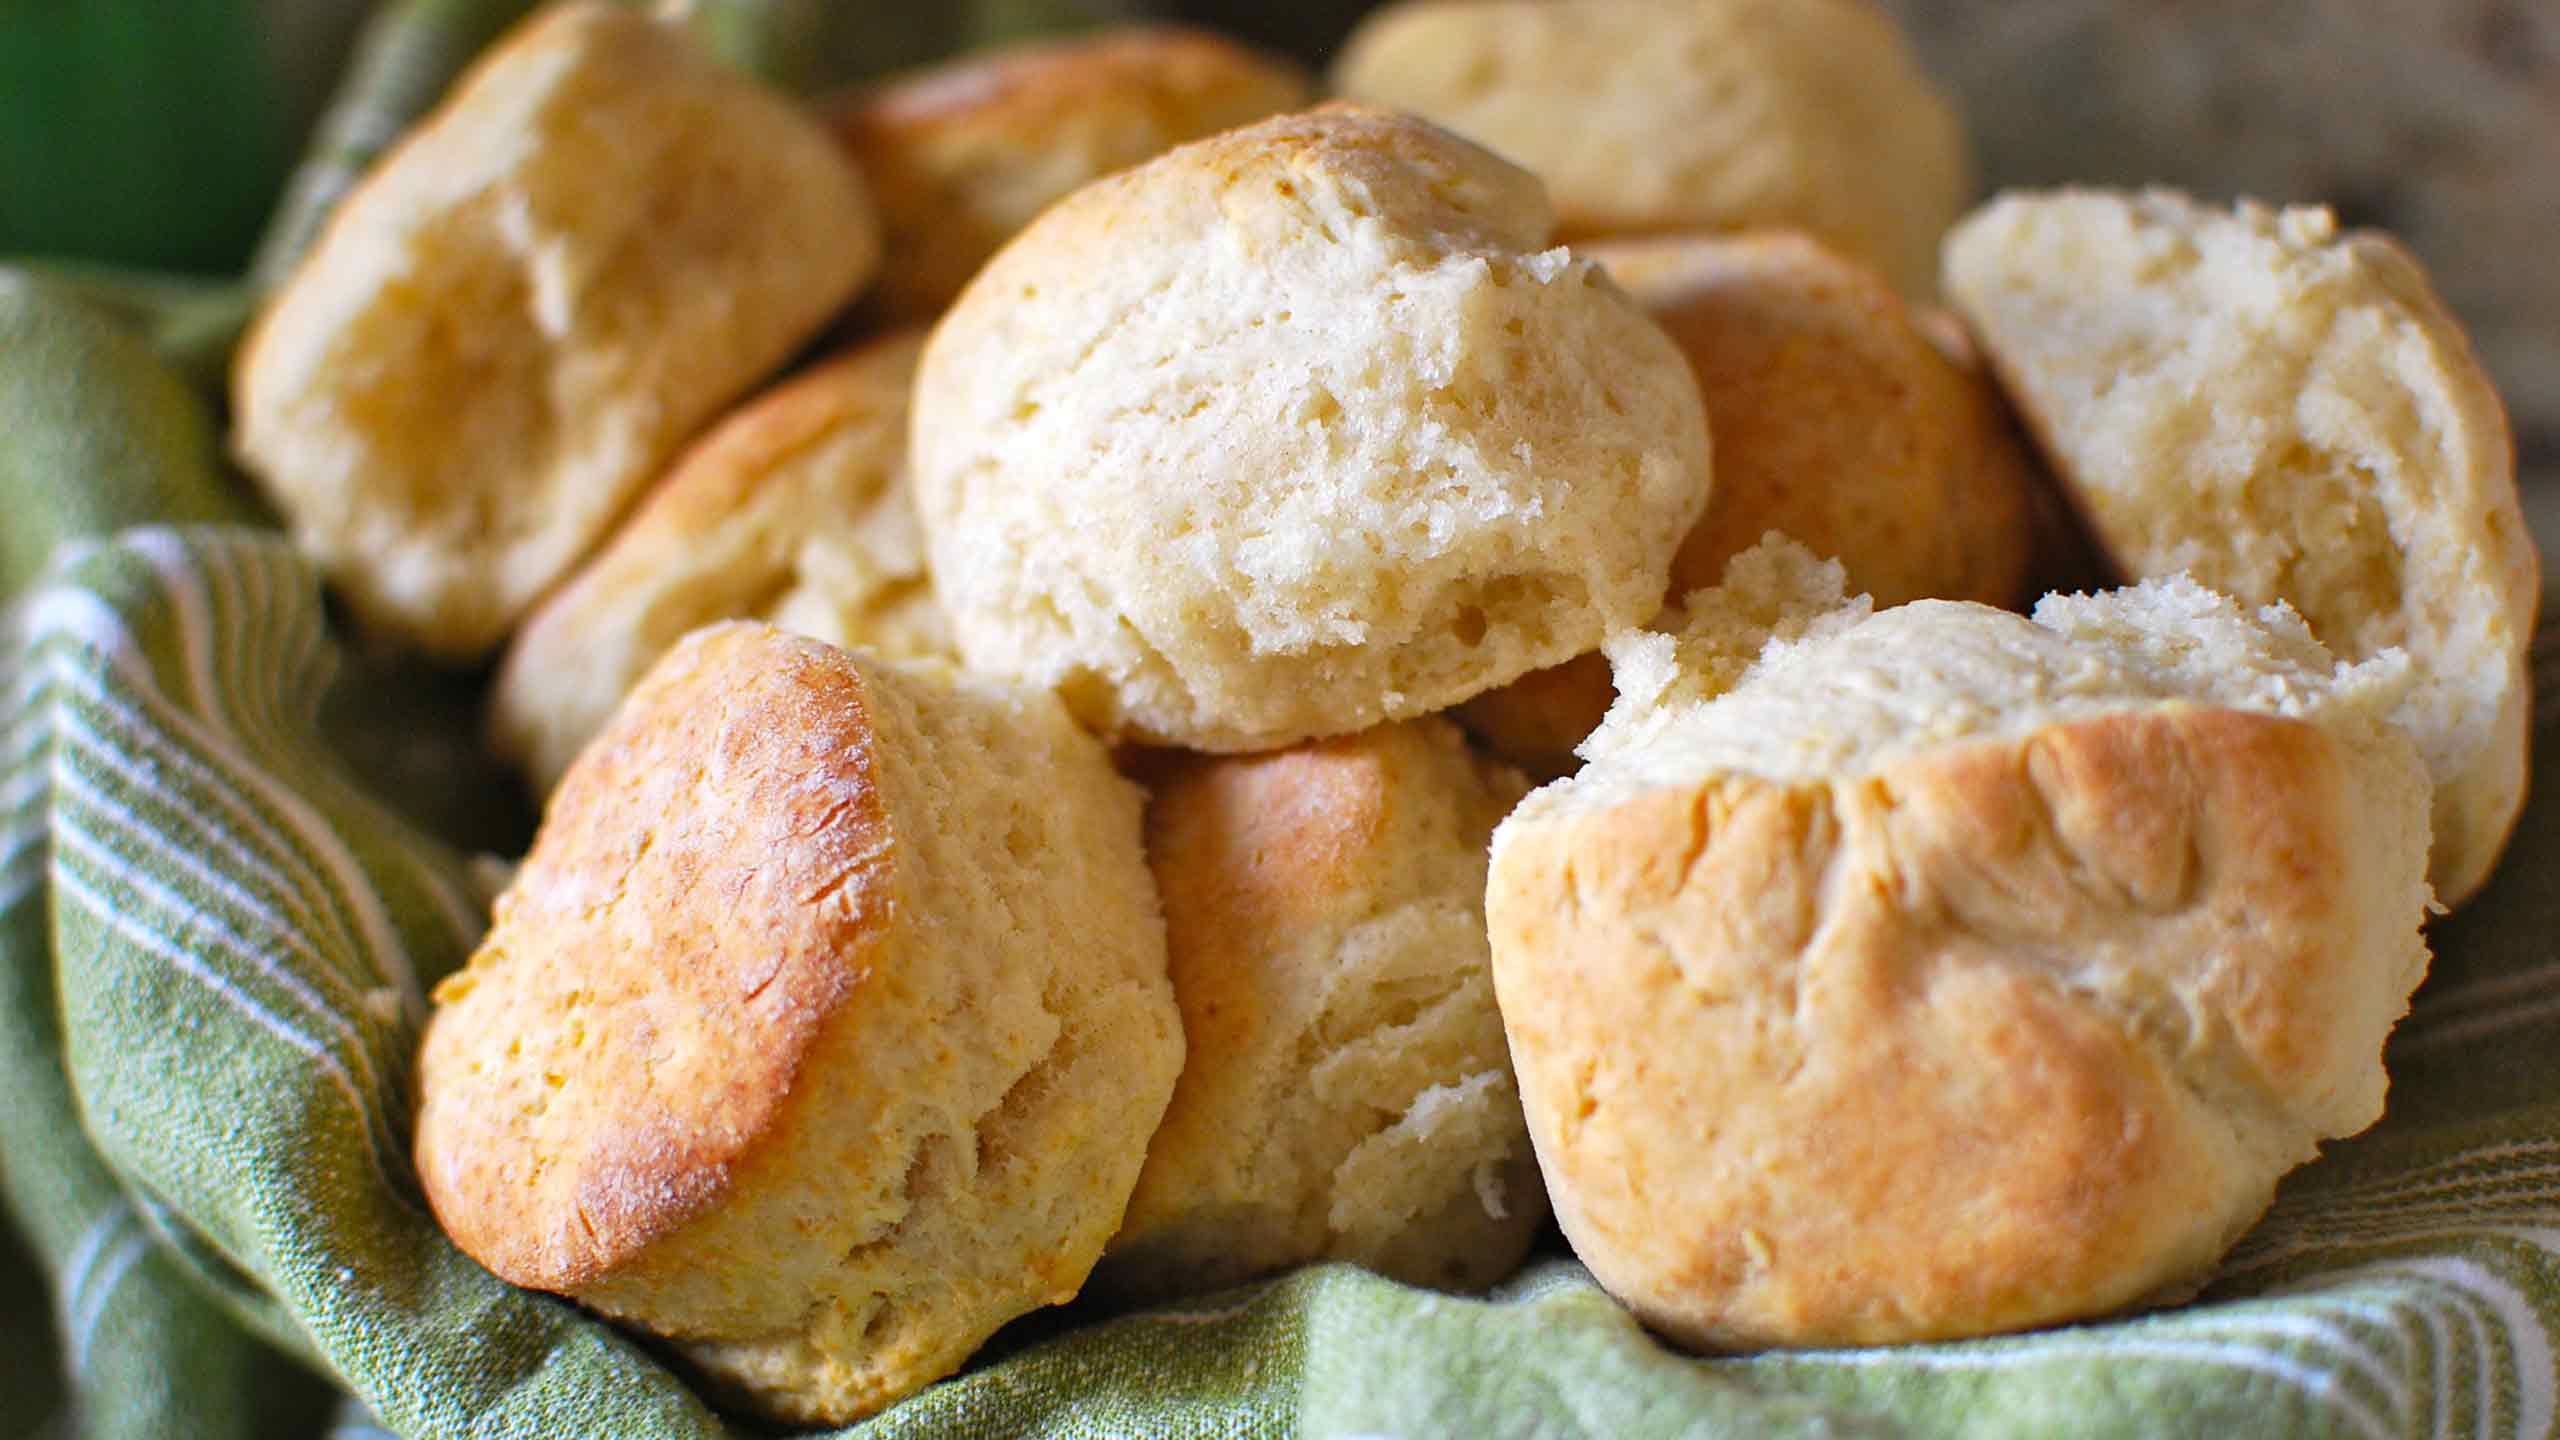 biscuit, bisquets obregon